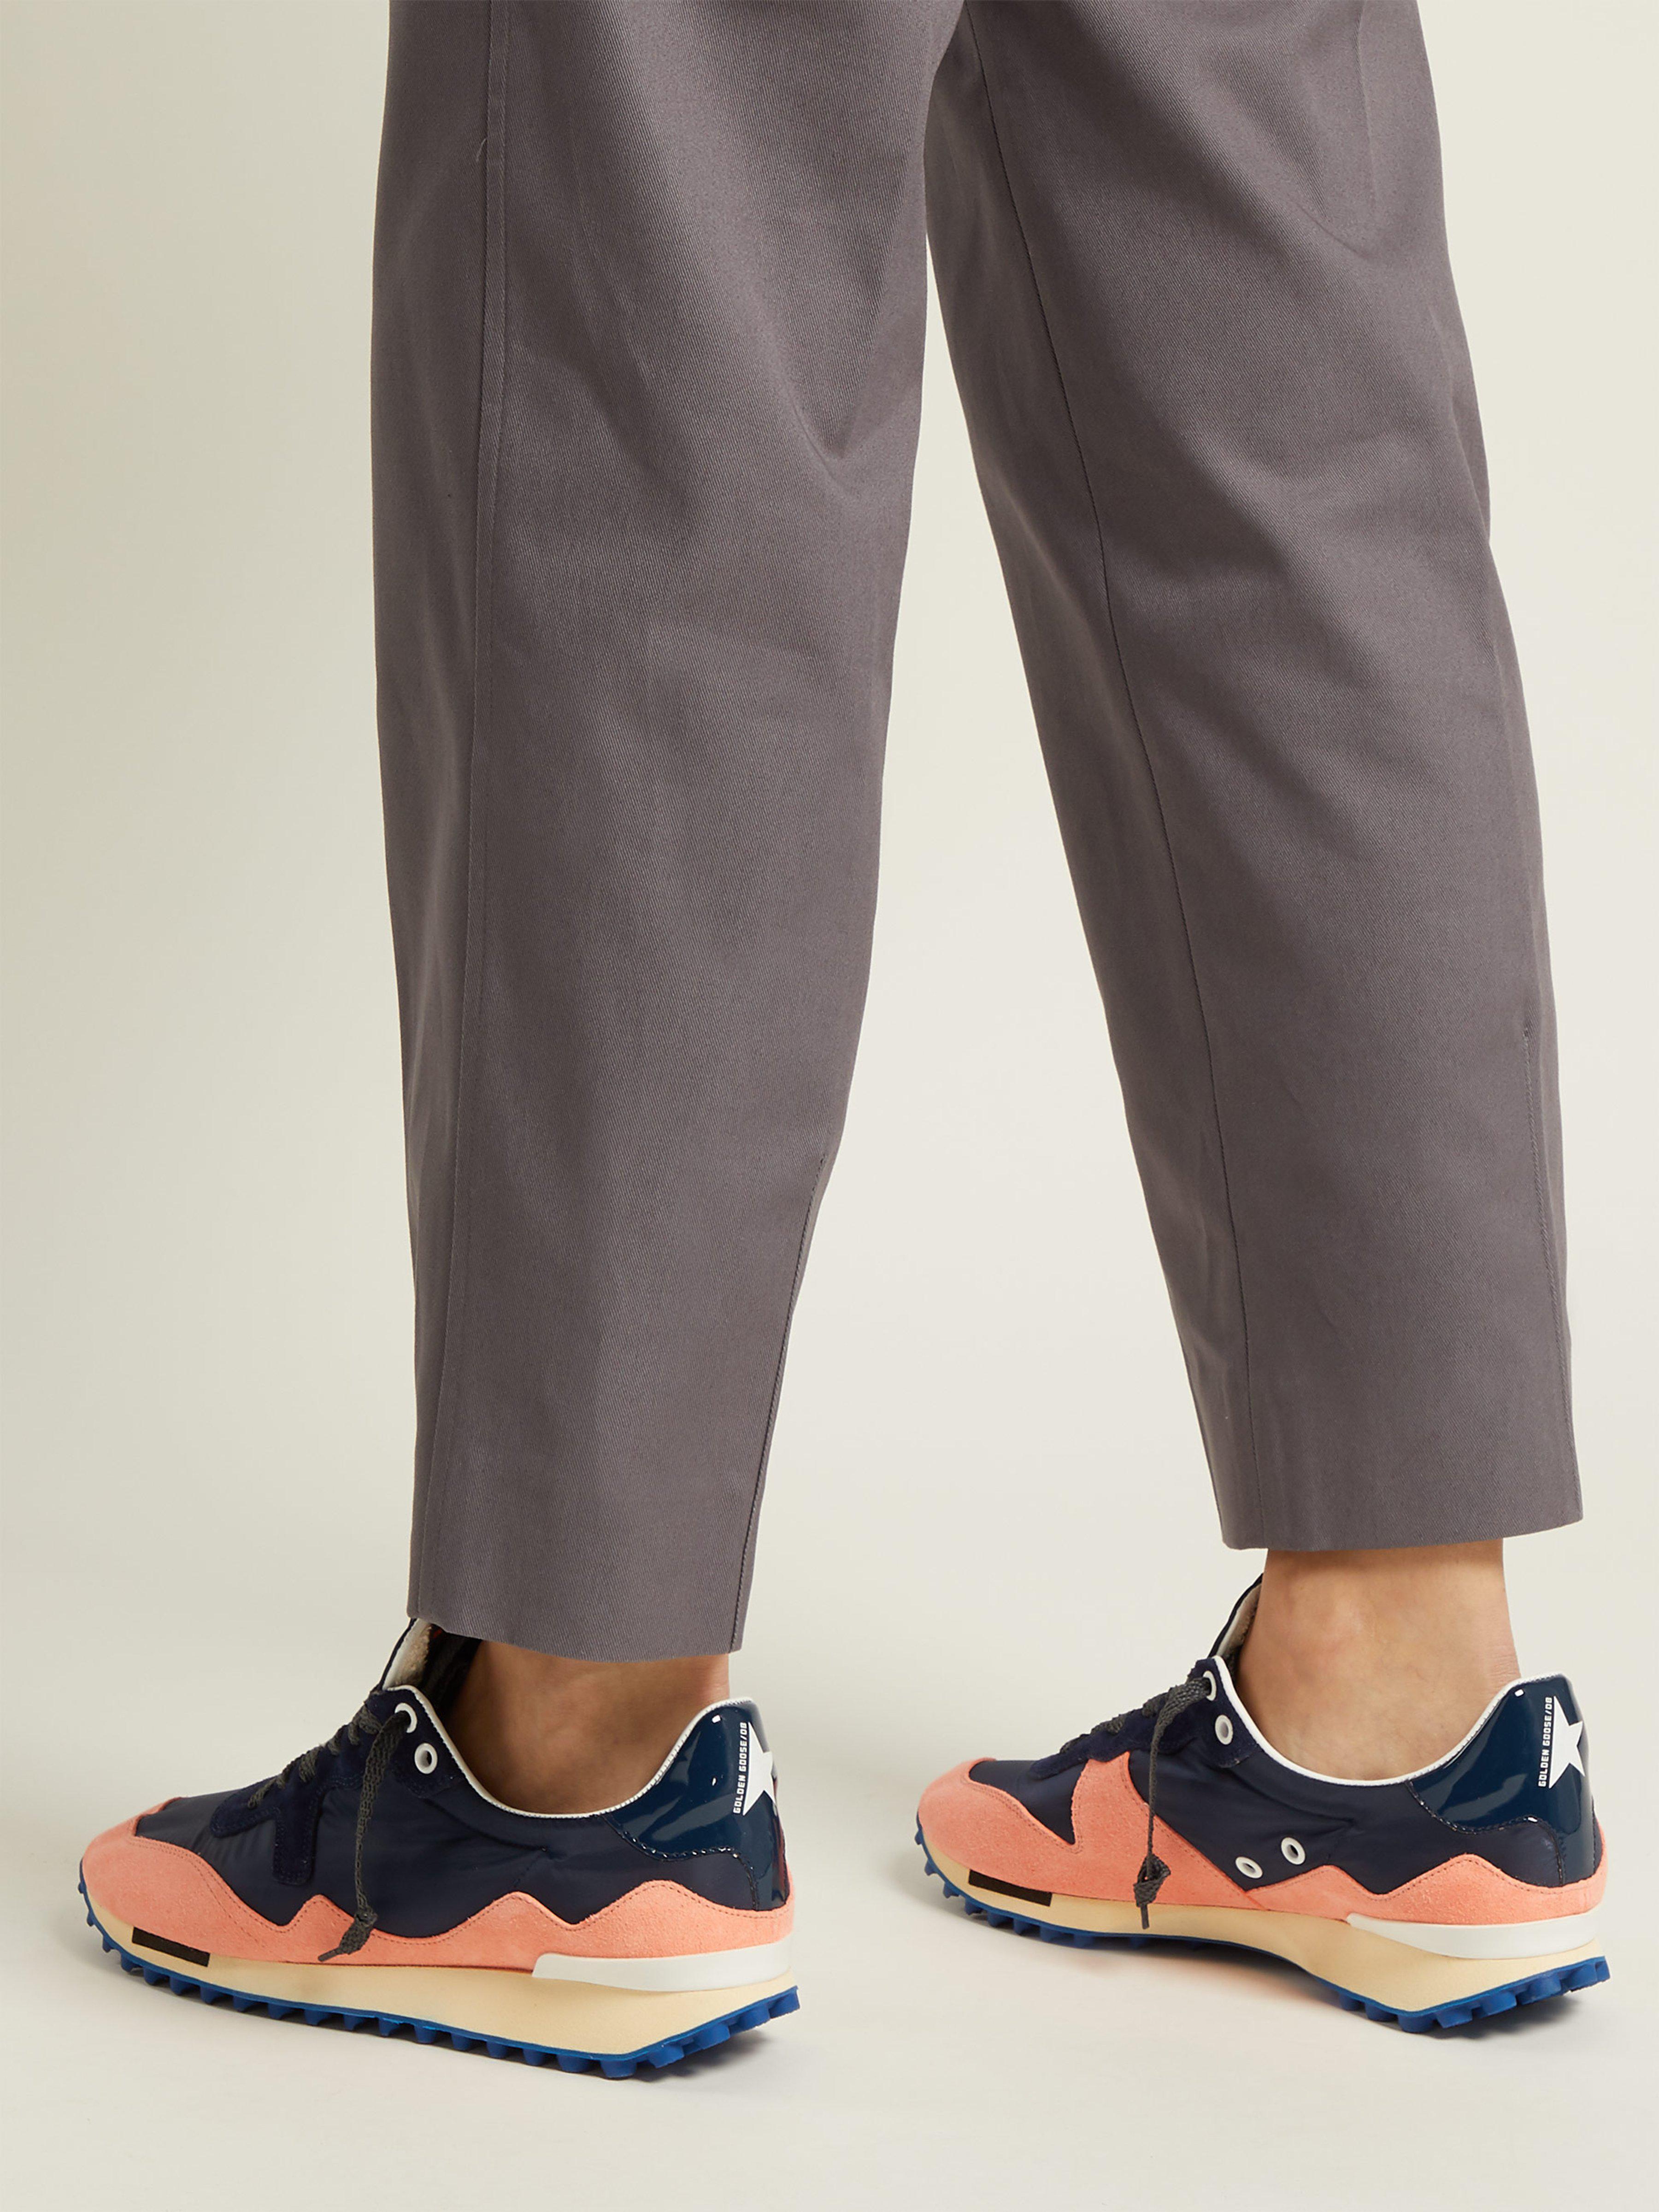 Golden Goose Deluxe Brand Goose Starland Sneakers in Pink Navy (Blue)